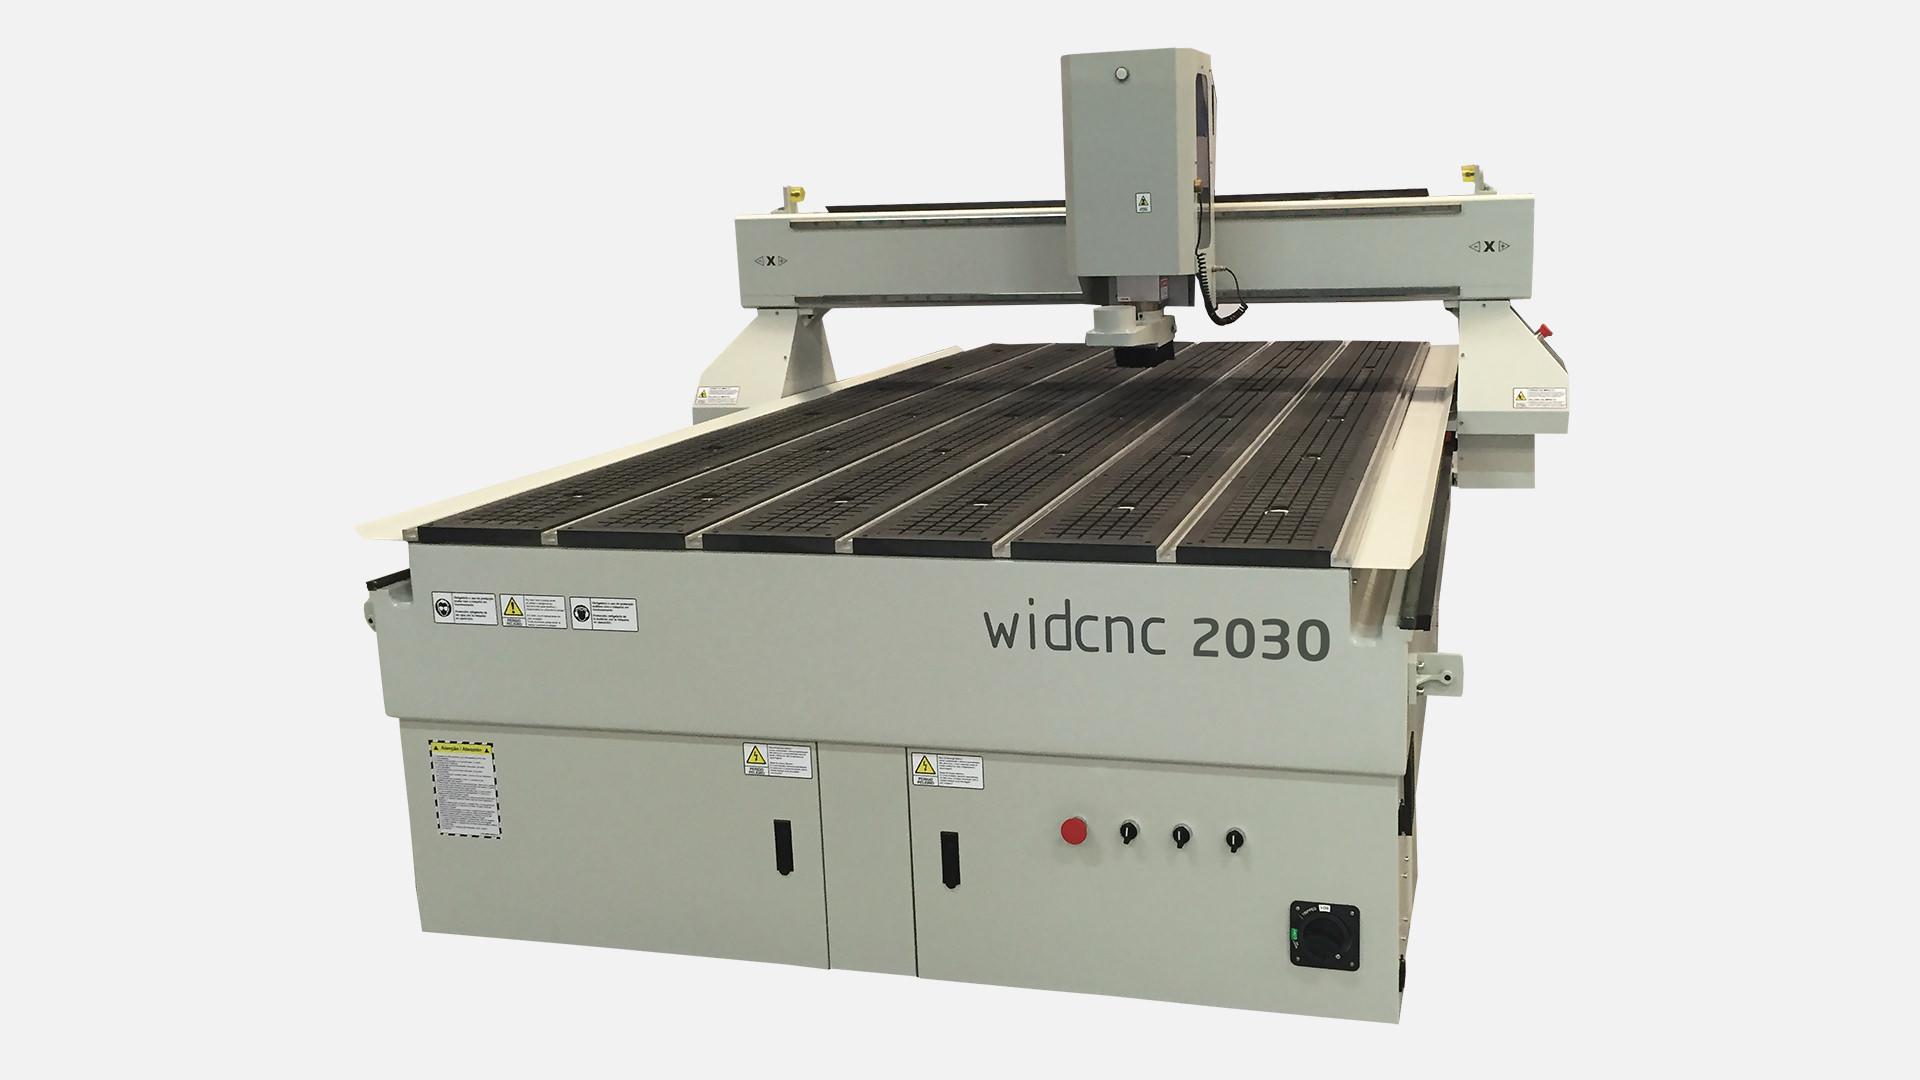 widcnc 2030